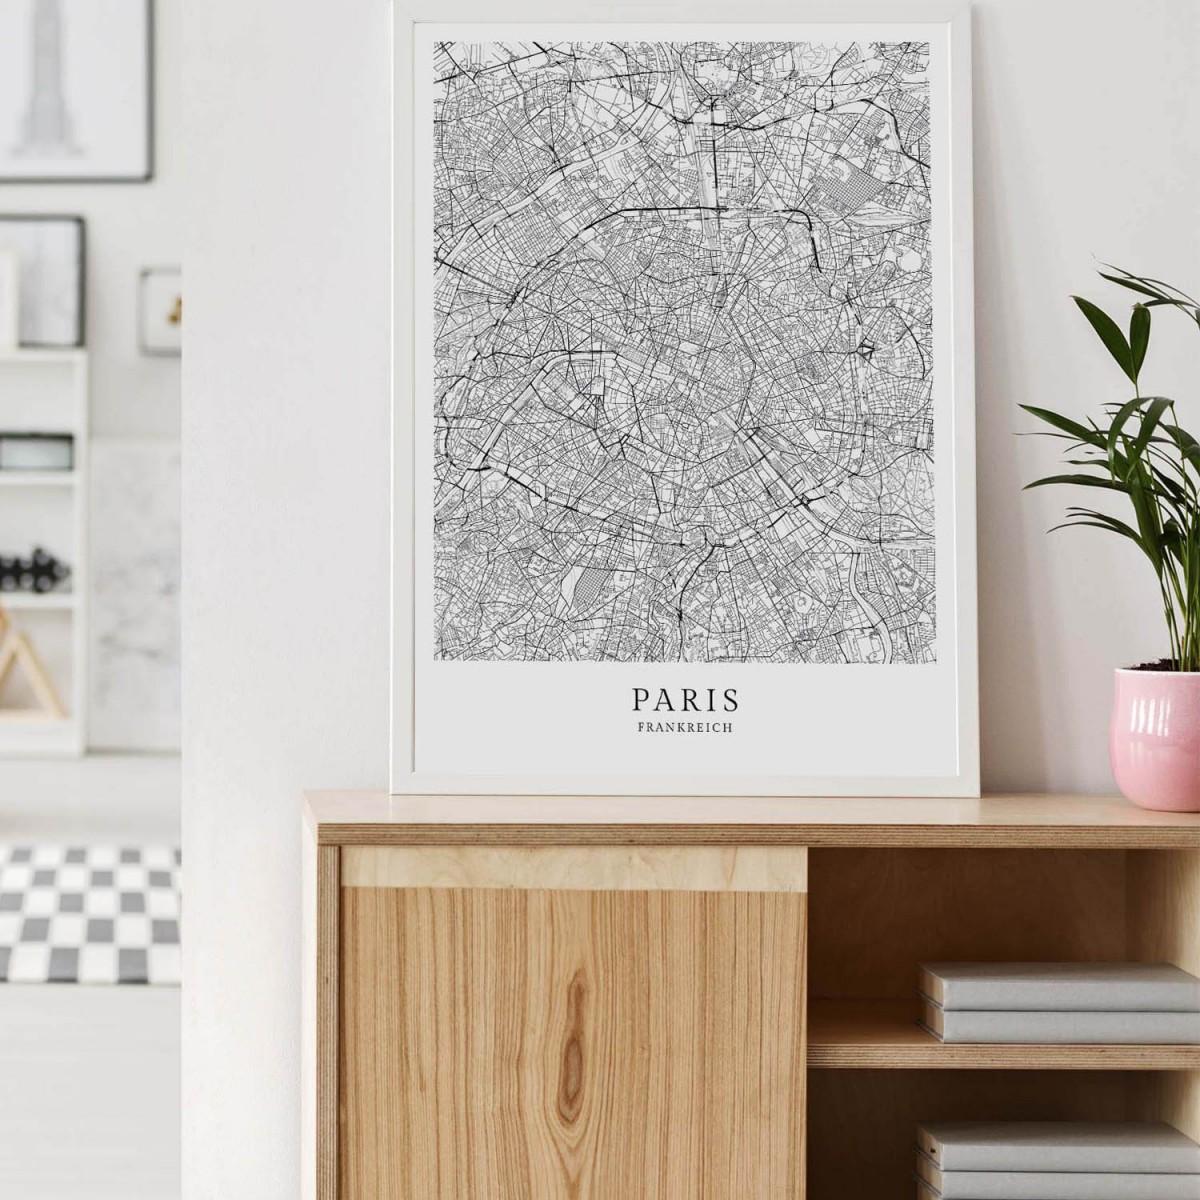 PARIS als hochwertiges Poster im skandinavischen Stil von Skanemarie +++ Geschenkidee